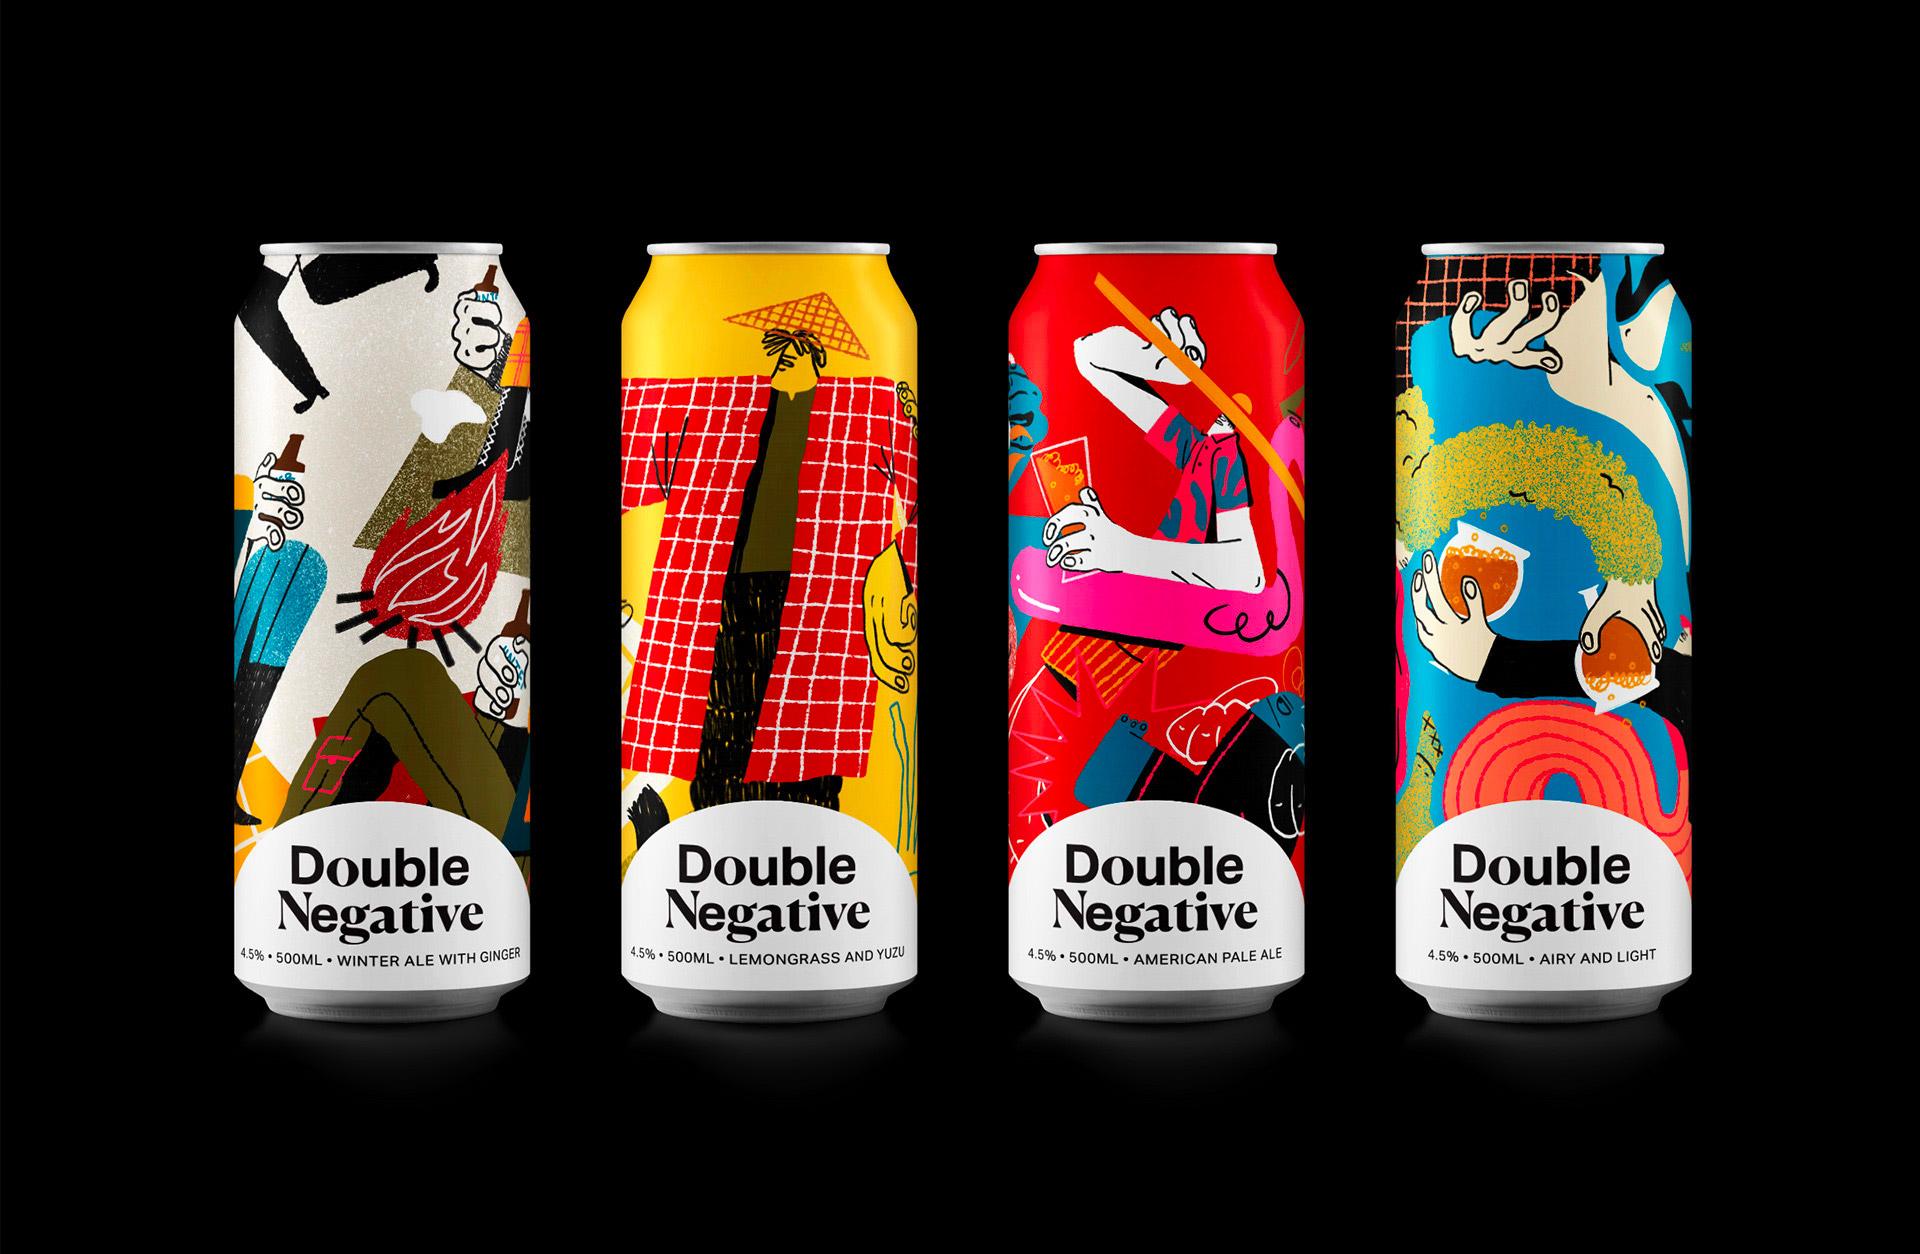 与众不同!Double Negative啤酒品牌视觉设计